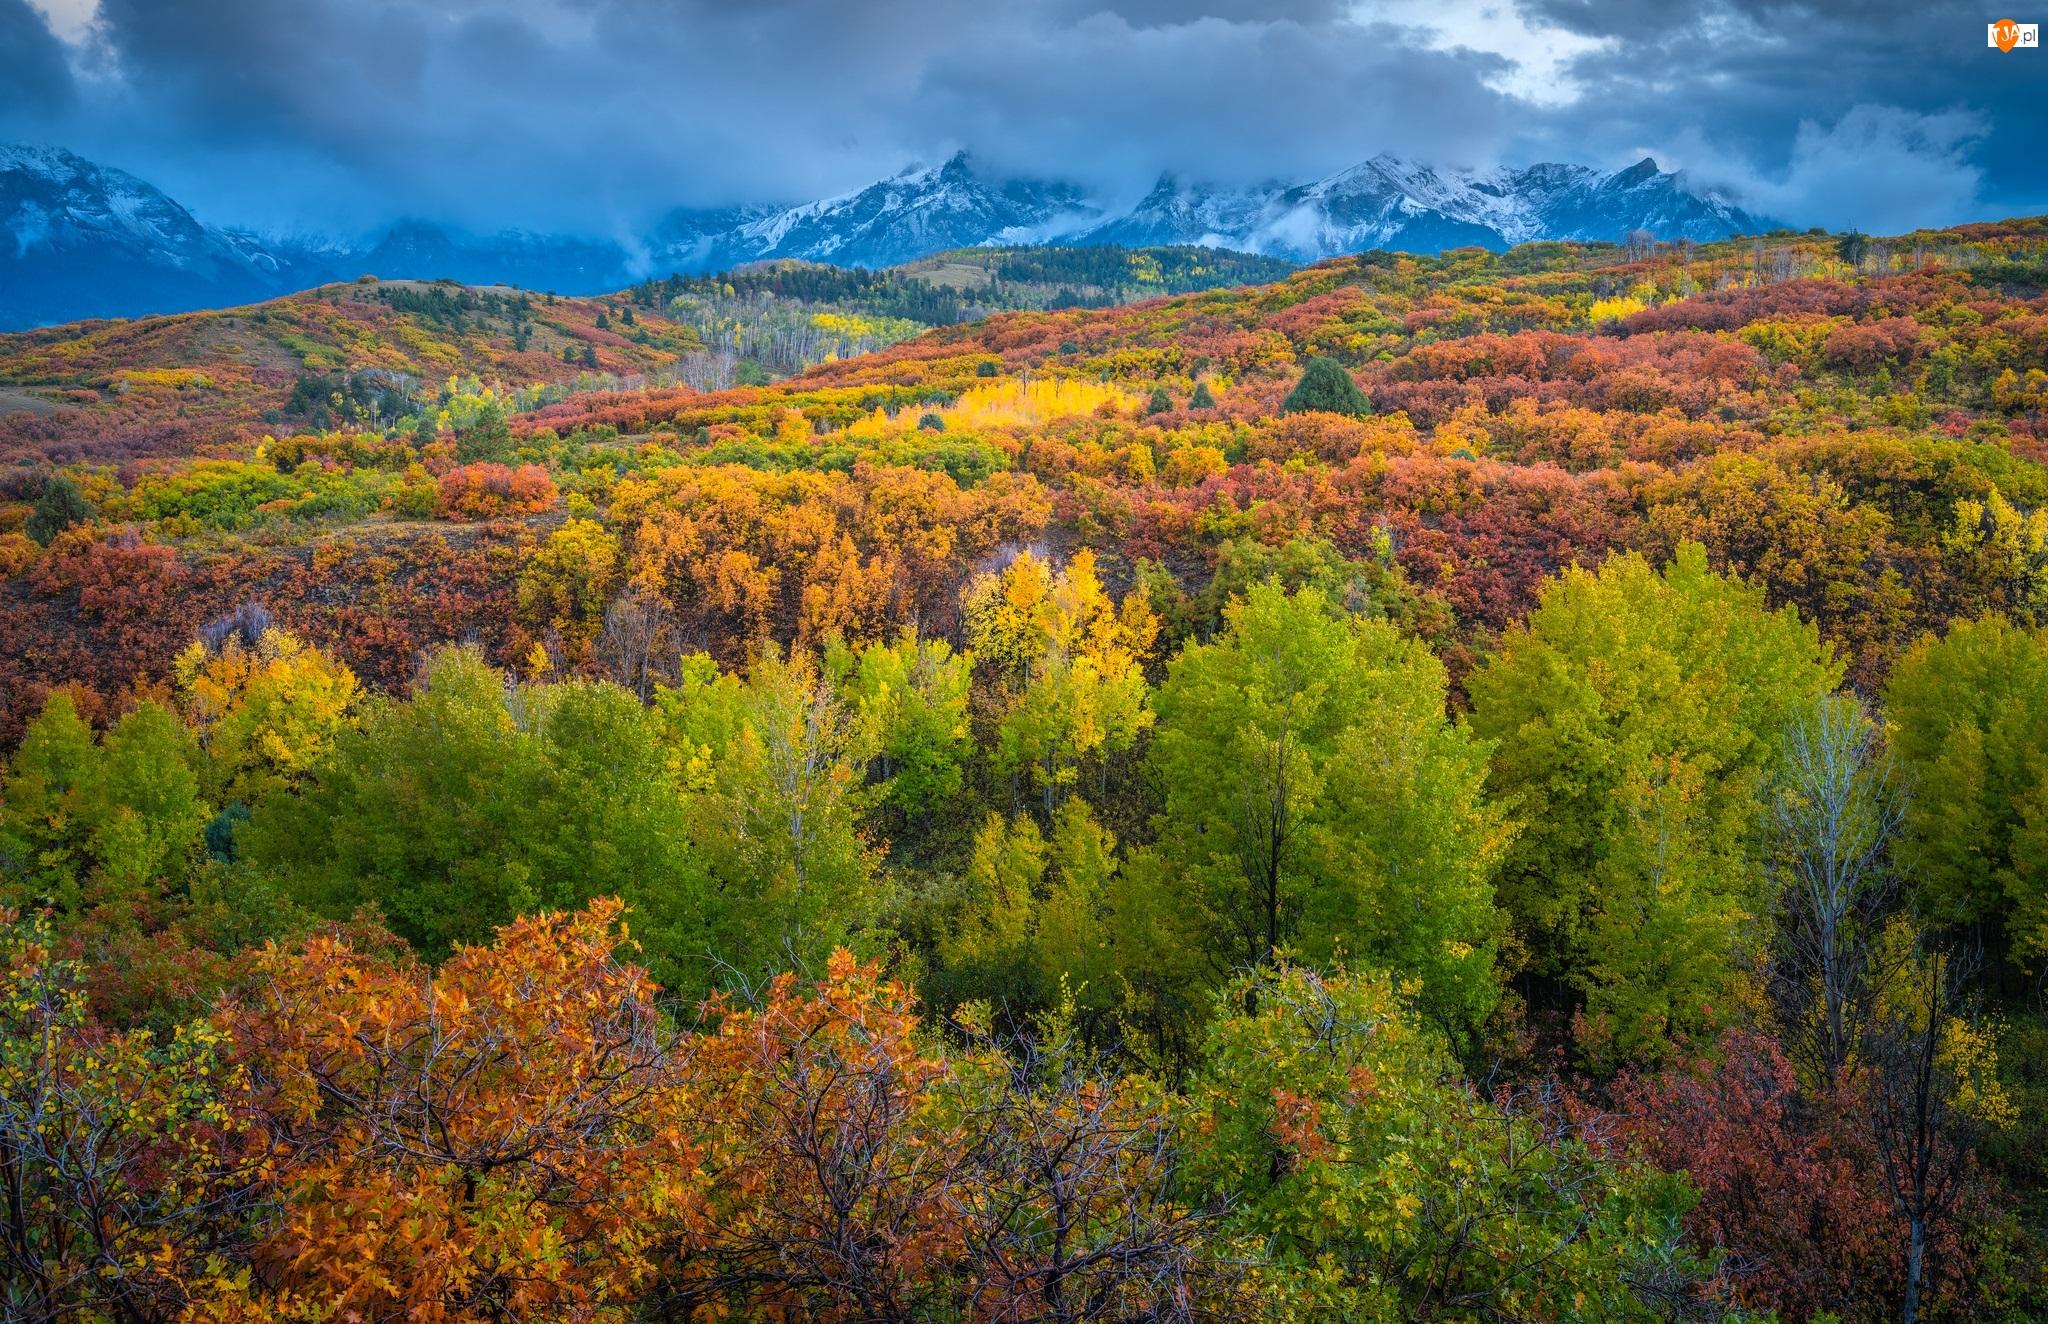 Góry, Drzewa, Zamglone, Jesień, Kolorowe